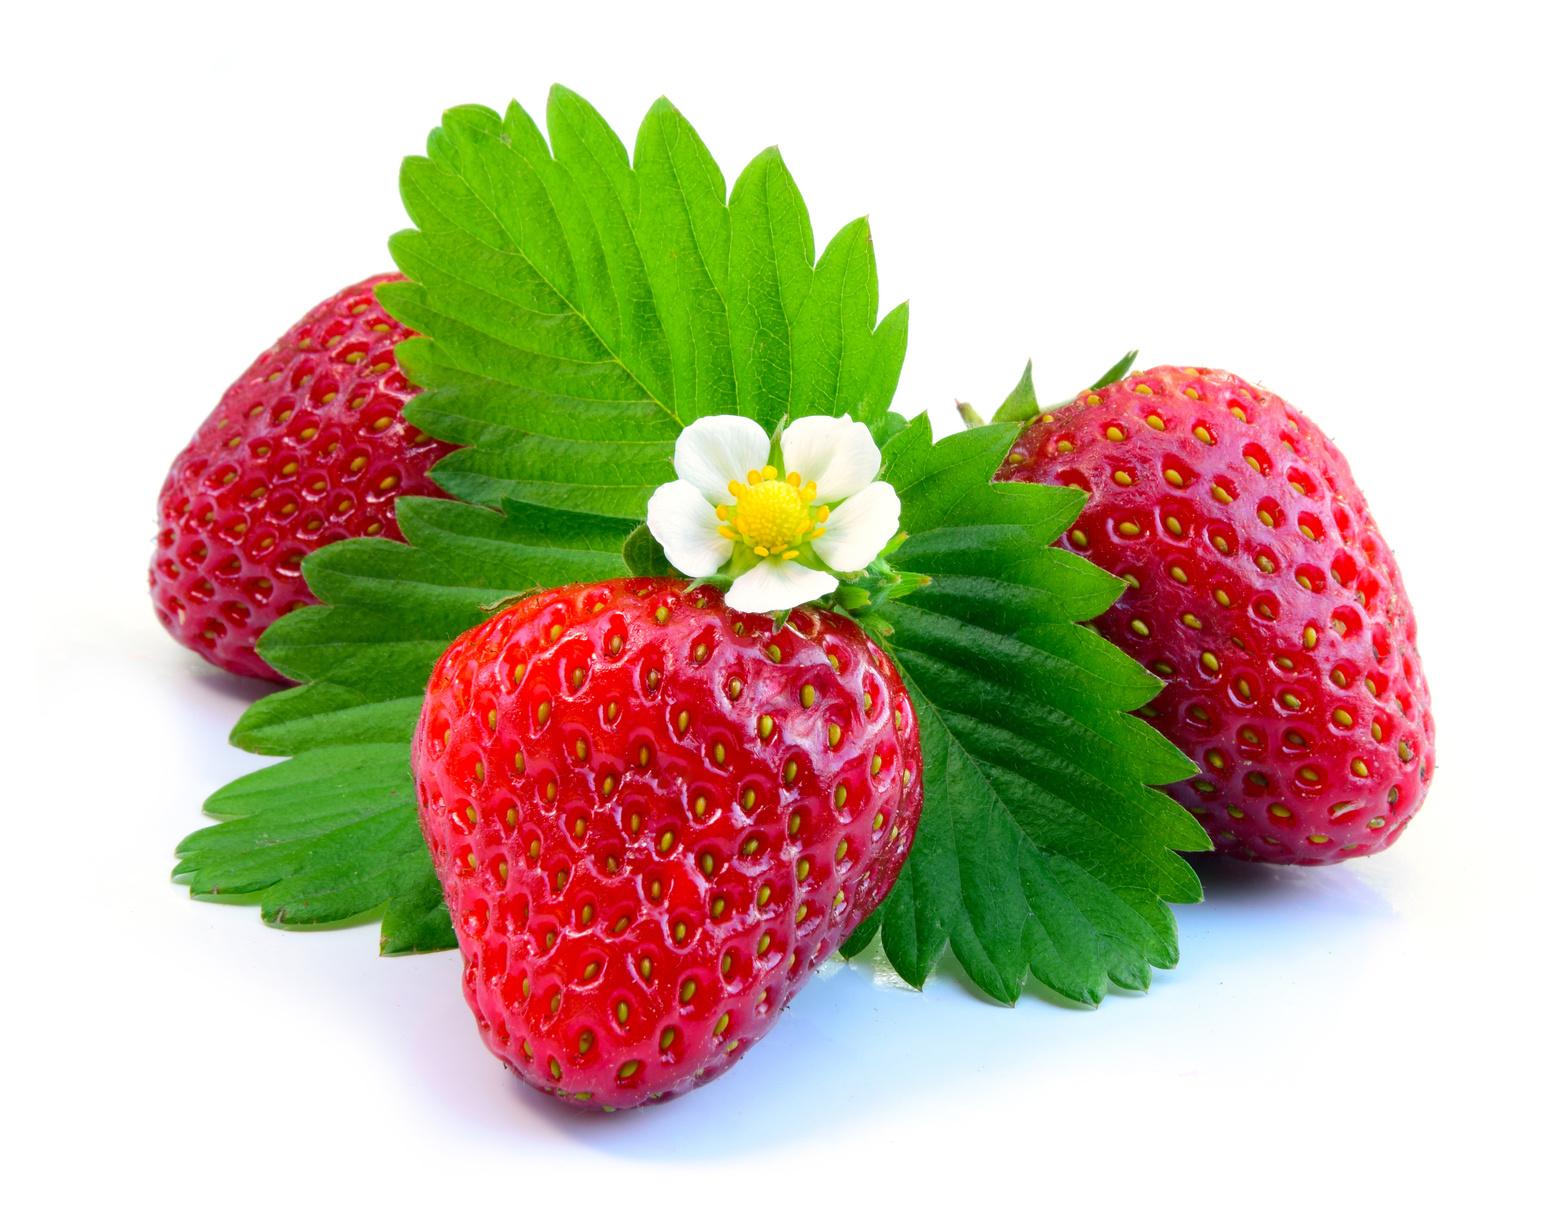 Steckbrief Erdbeere